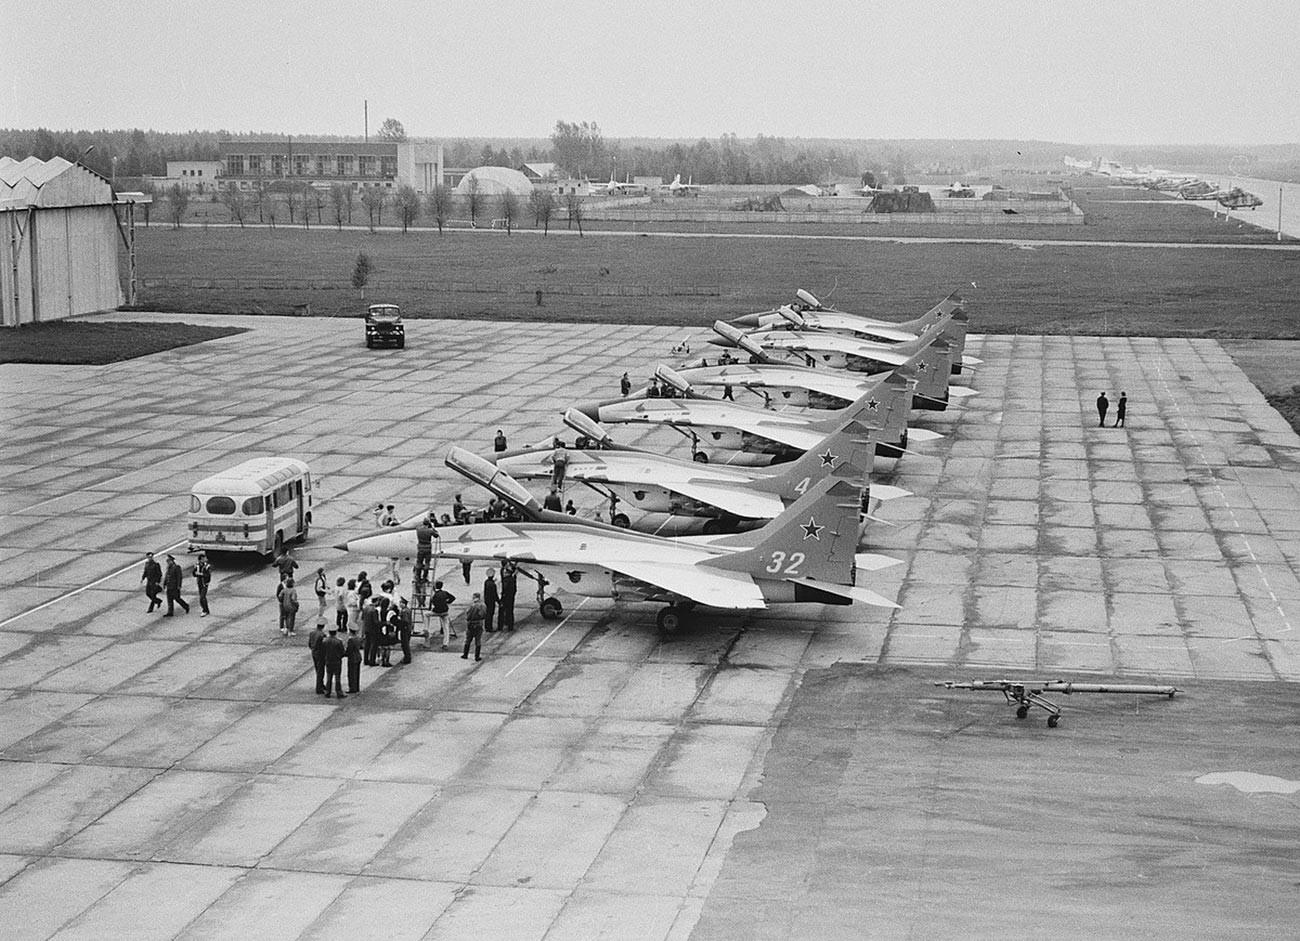 Le groupe de voltige aérienne Striji (Martinets) à la base aérienne de Koubinka, avril 1992